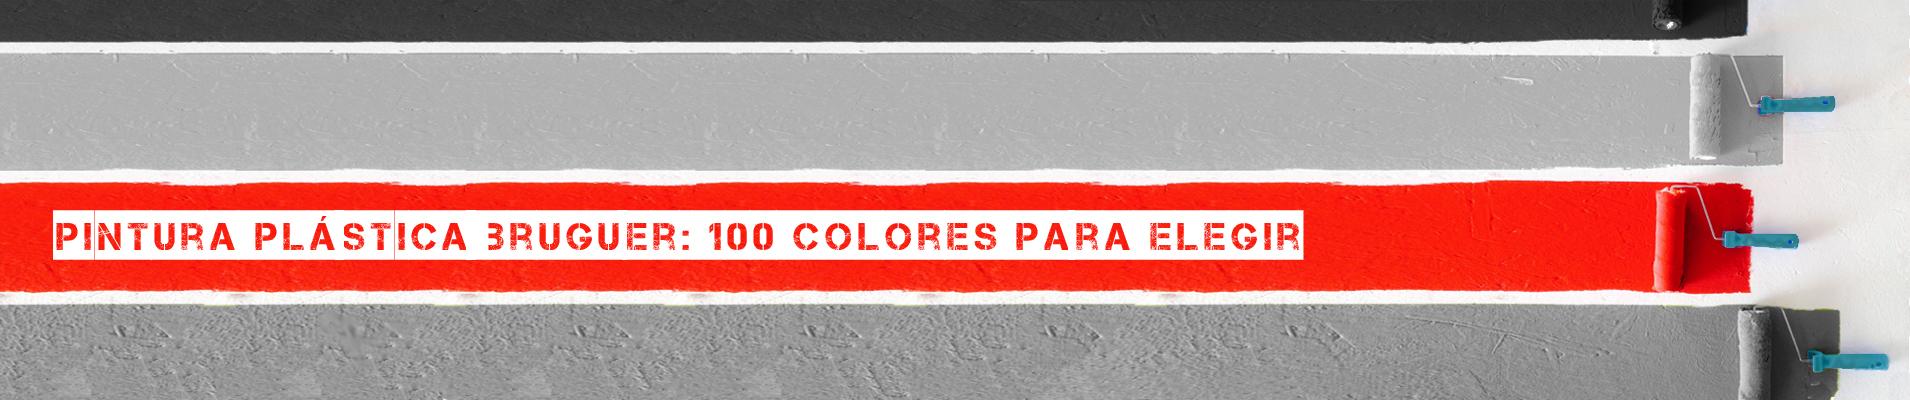 Pinturas de interior Bruguer en más de 100 colores